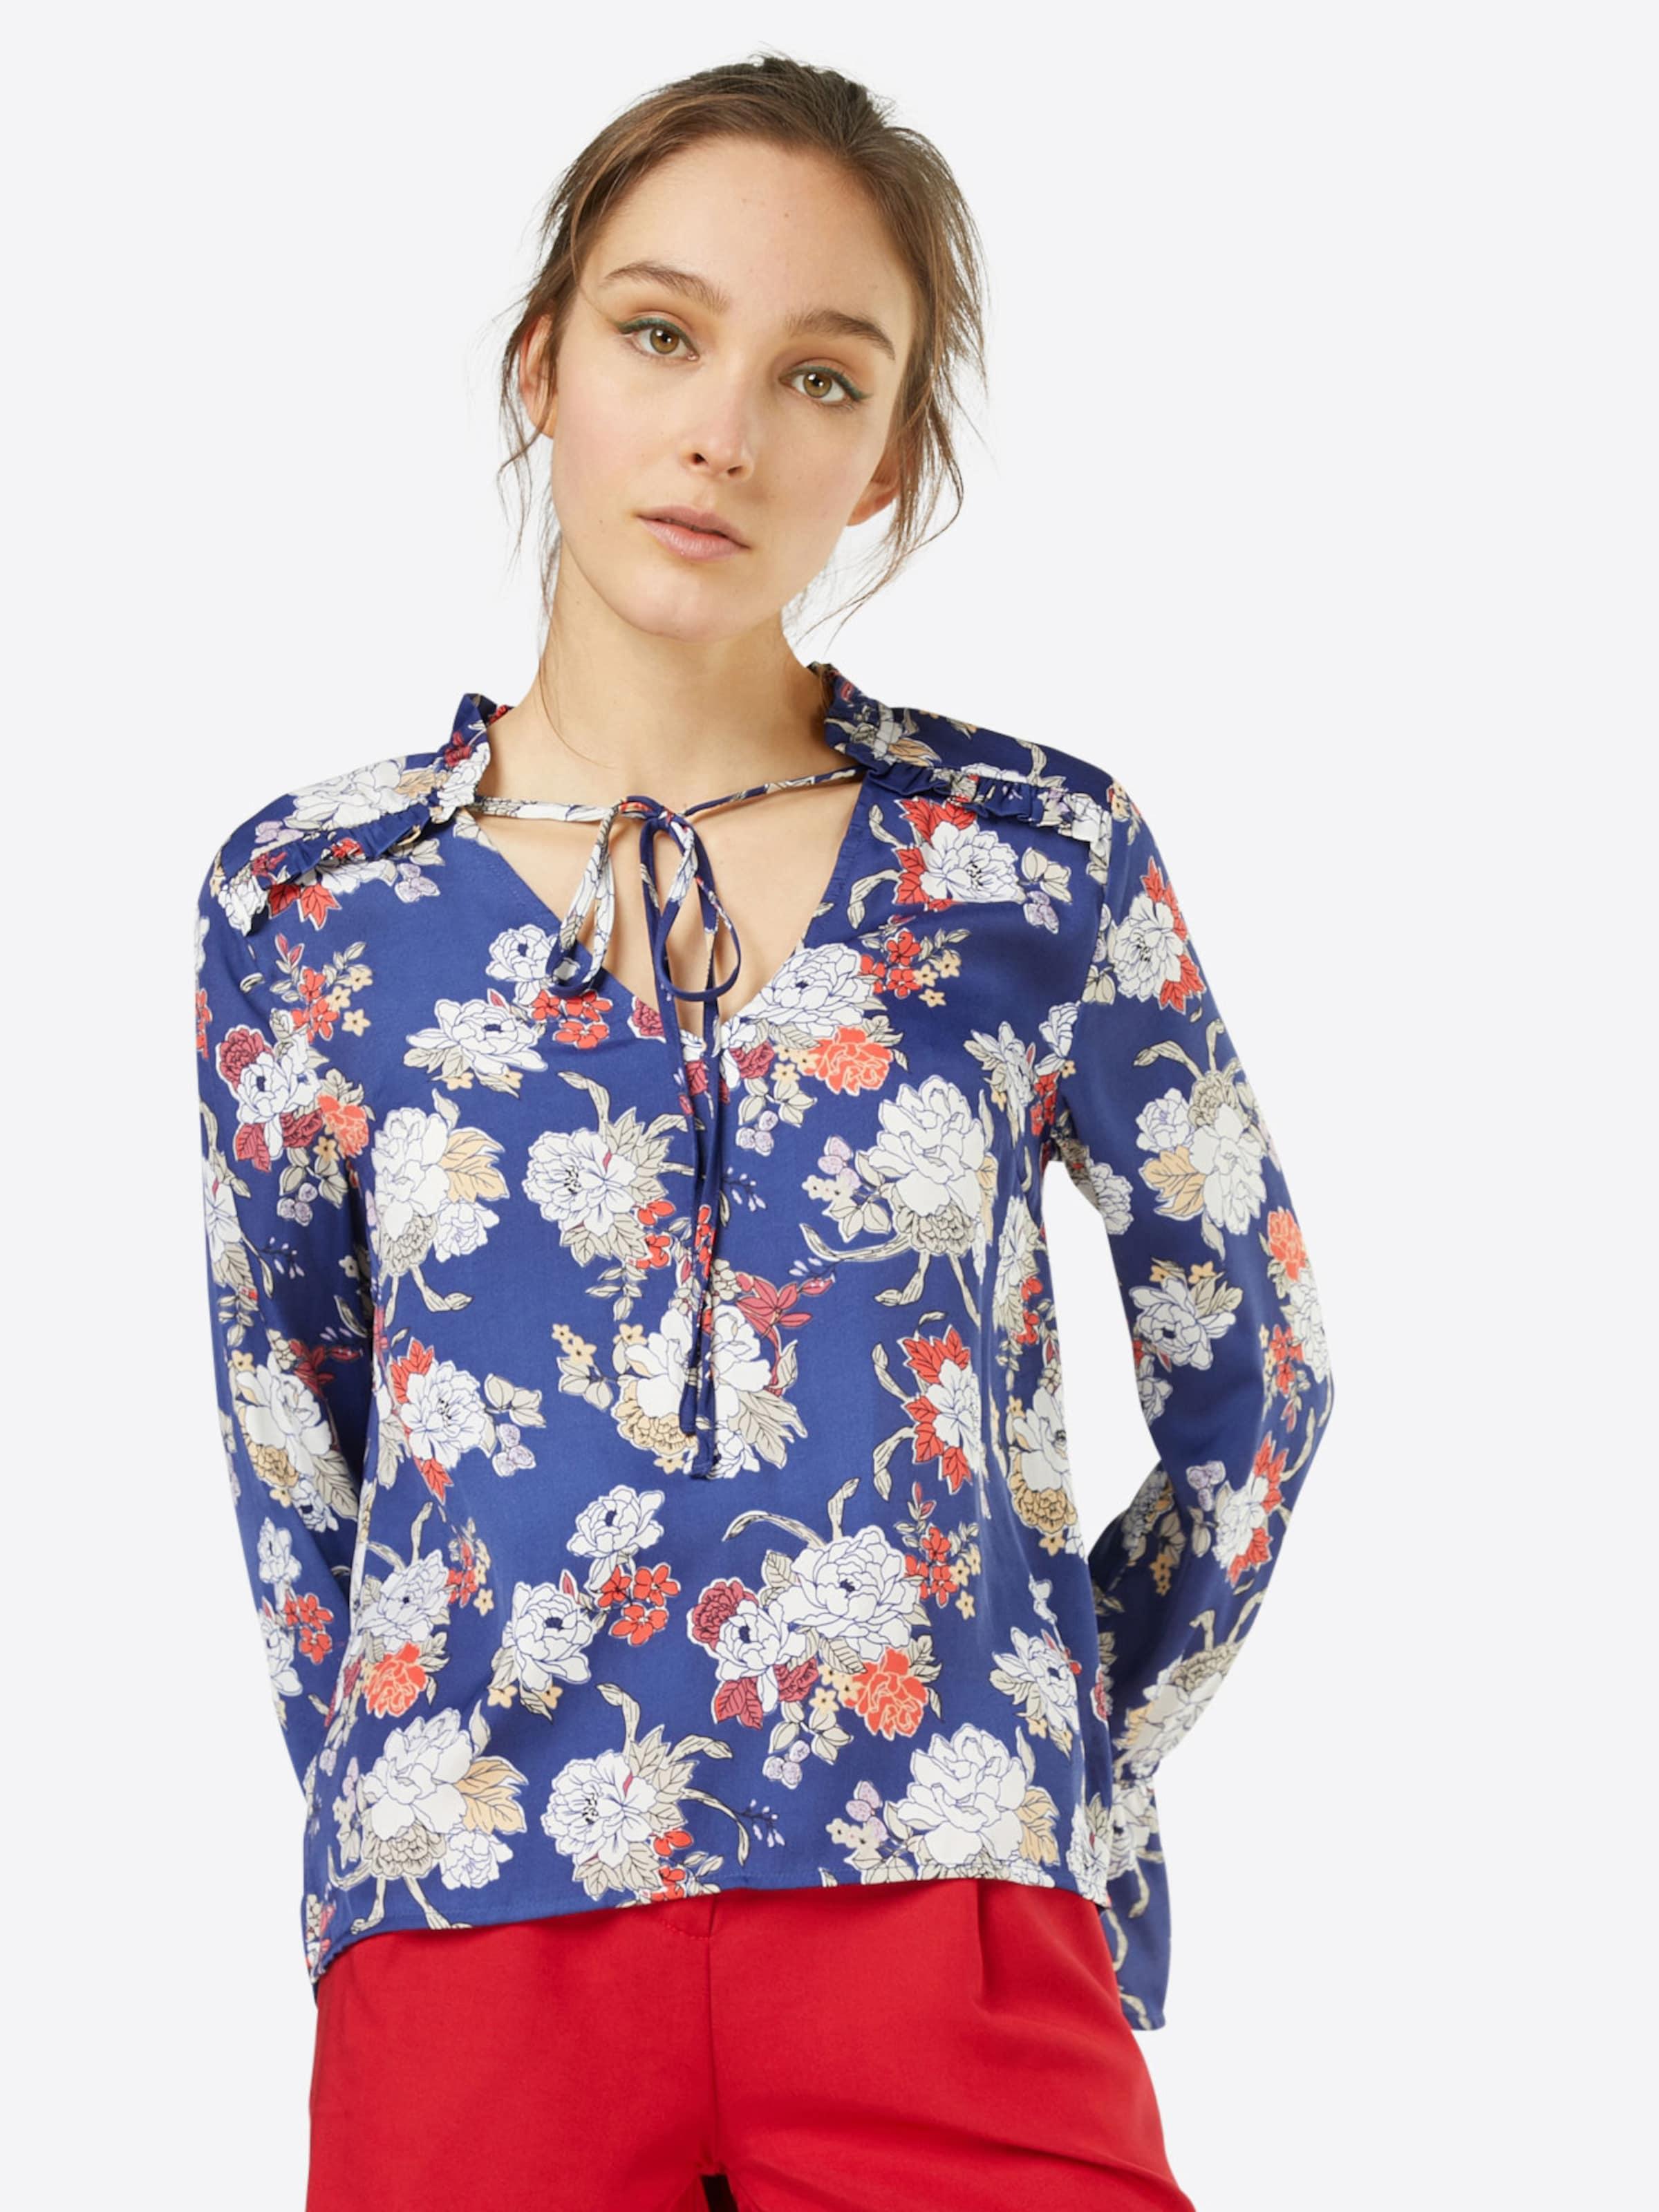 VILA Florale Bluse Gefälschte Online Auslass Empfehlen Billig Wirklich rksSifpv